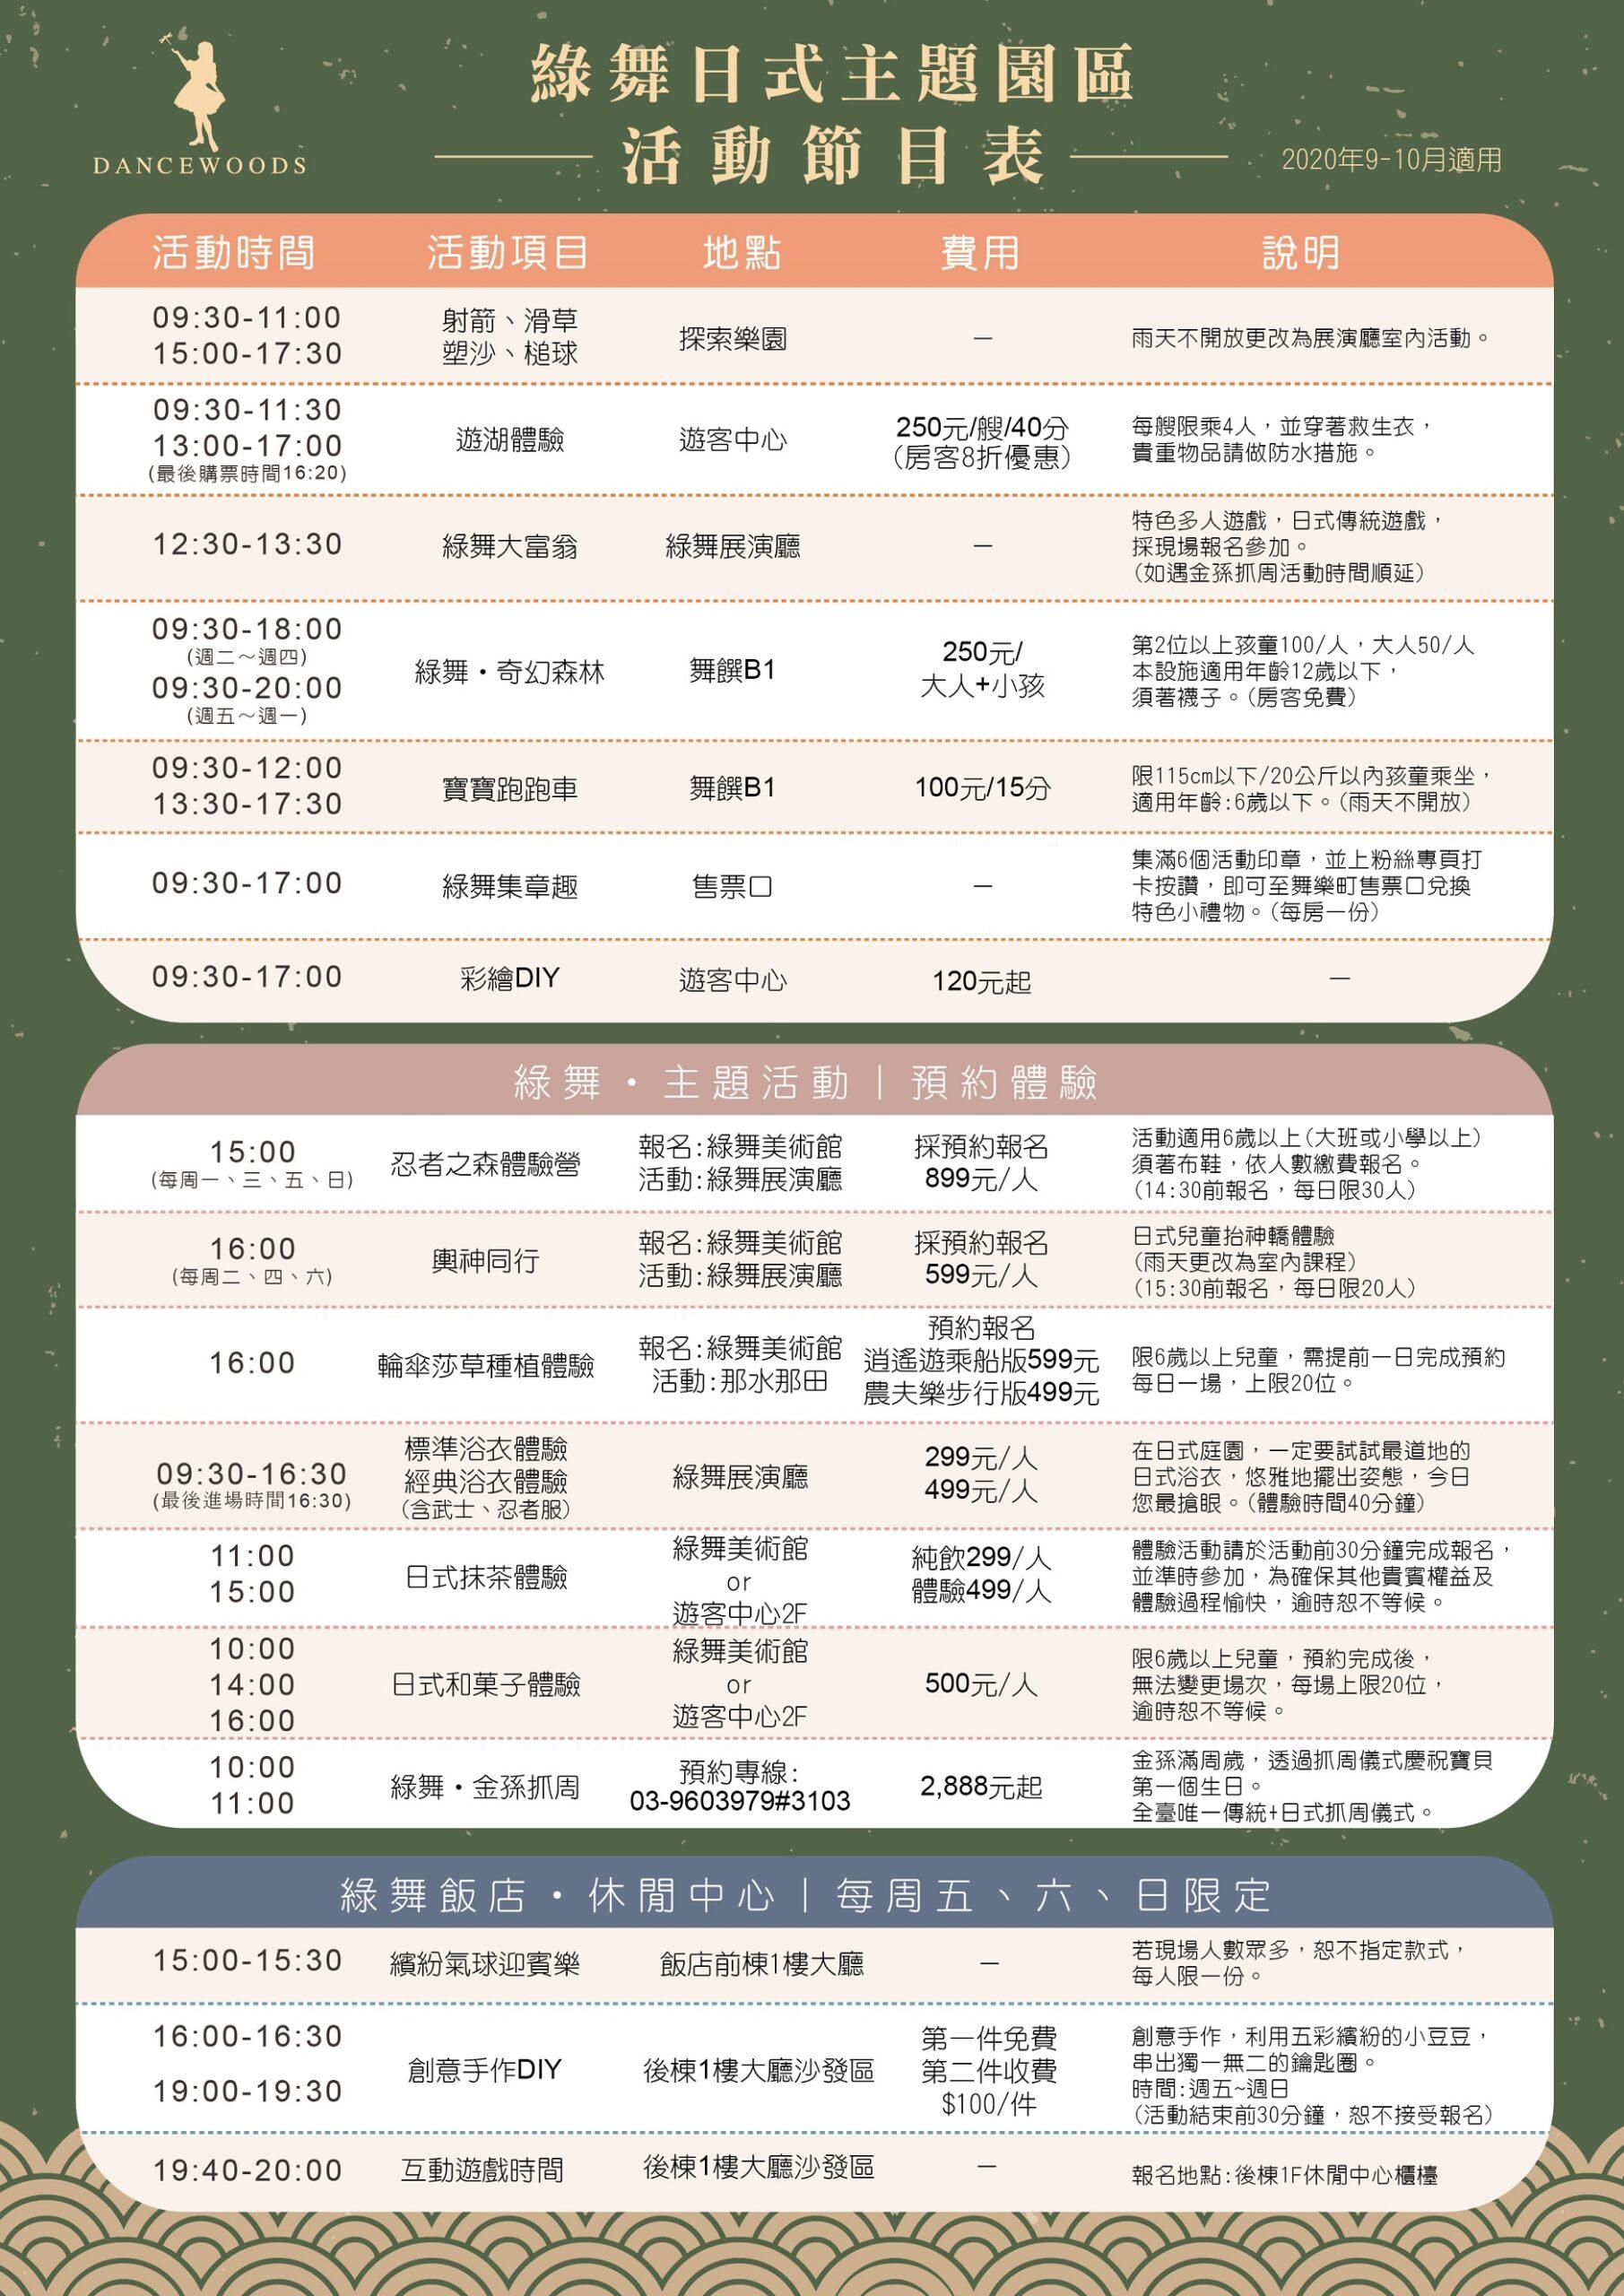 2020-9-10月園區節目表-01